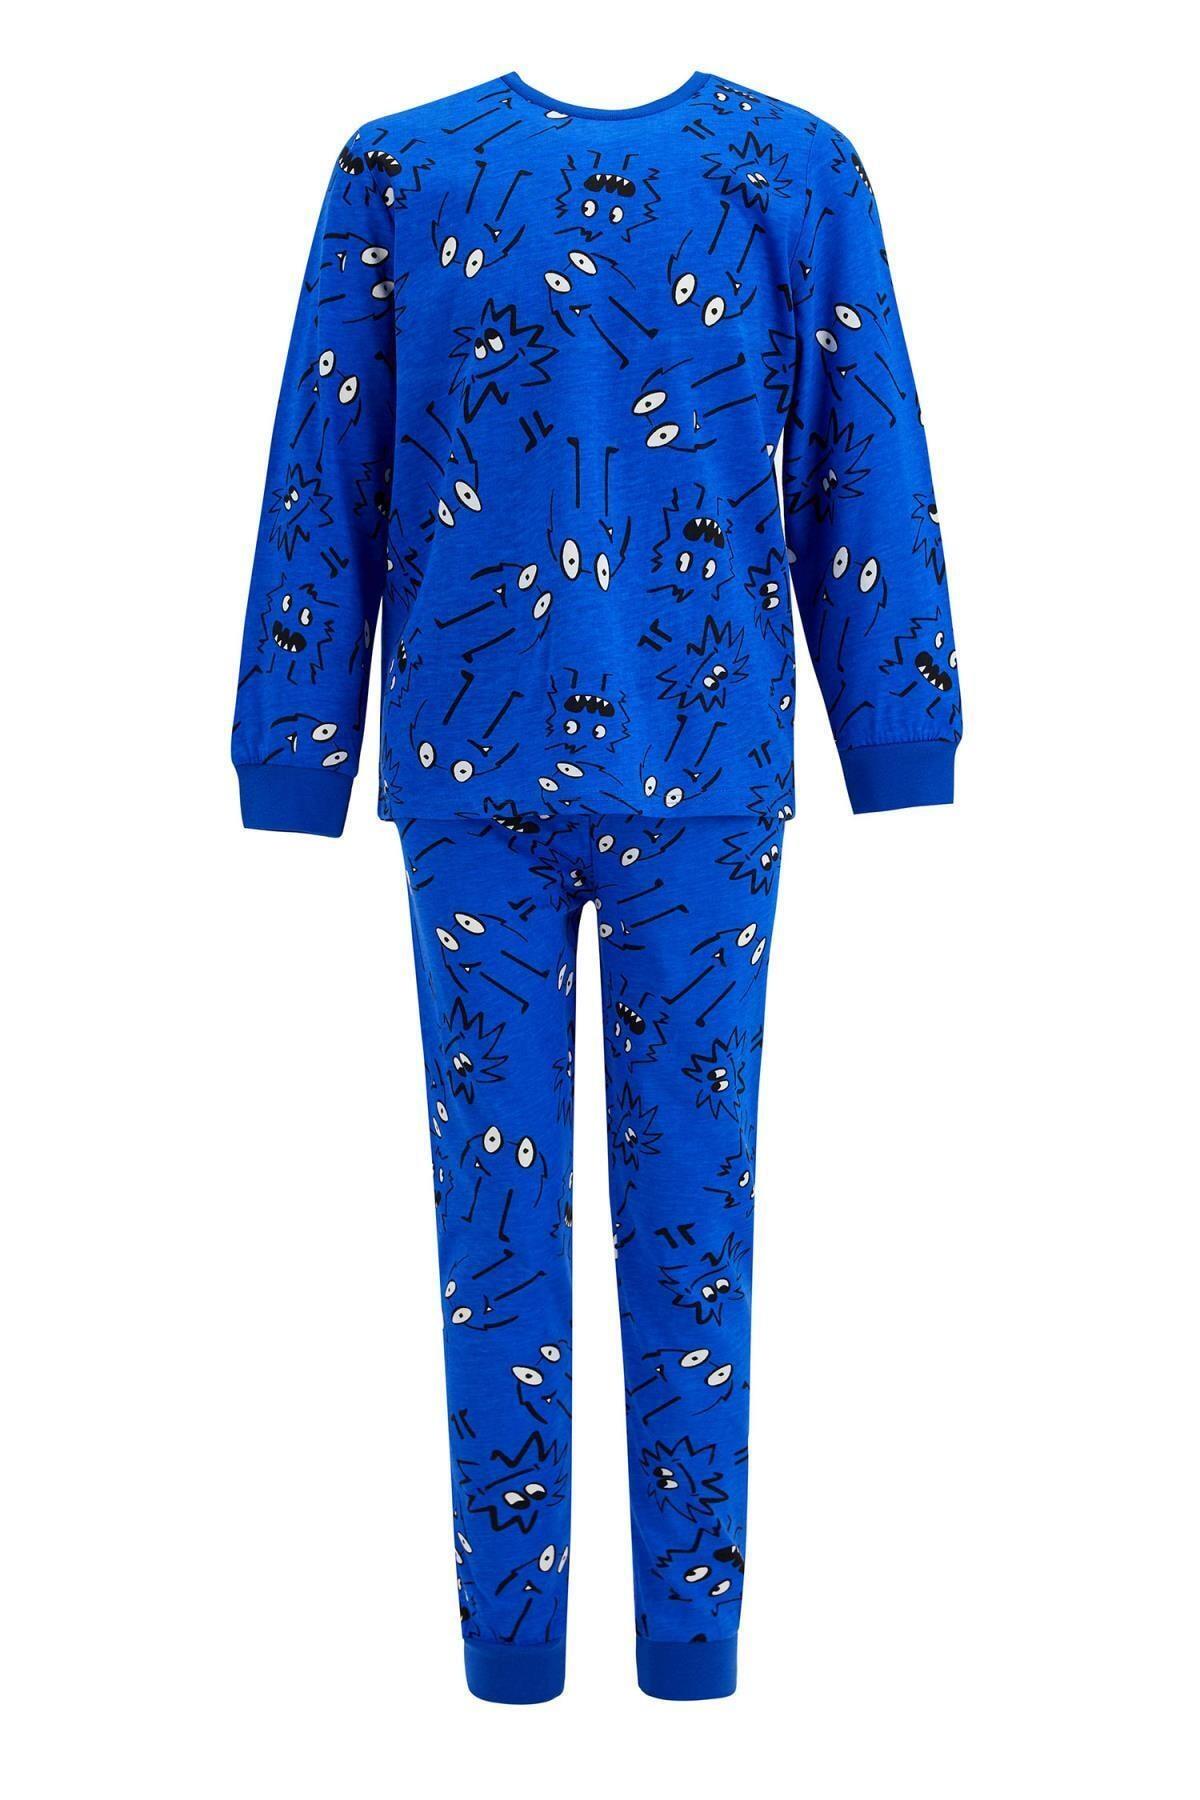 DeFacto Erkek Çocuk Baskı Desenli Uzun Kol Pijama Takım 1